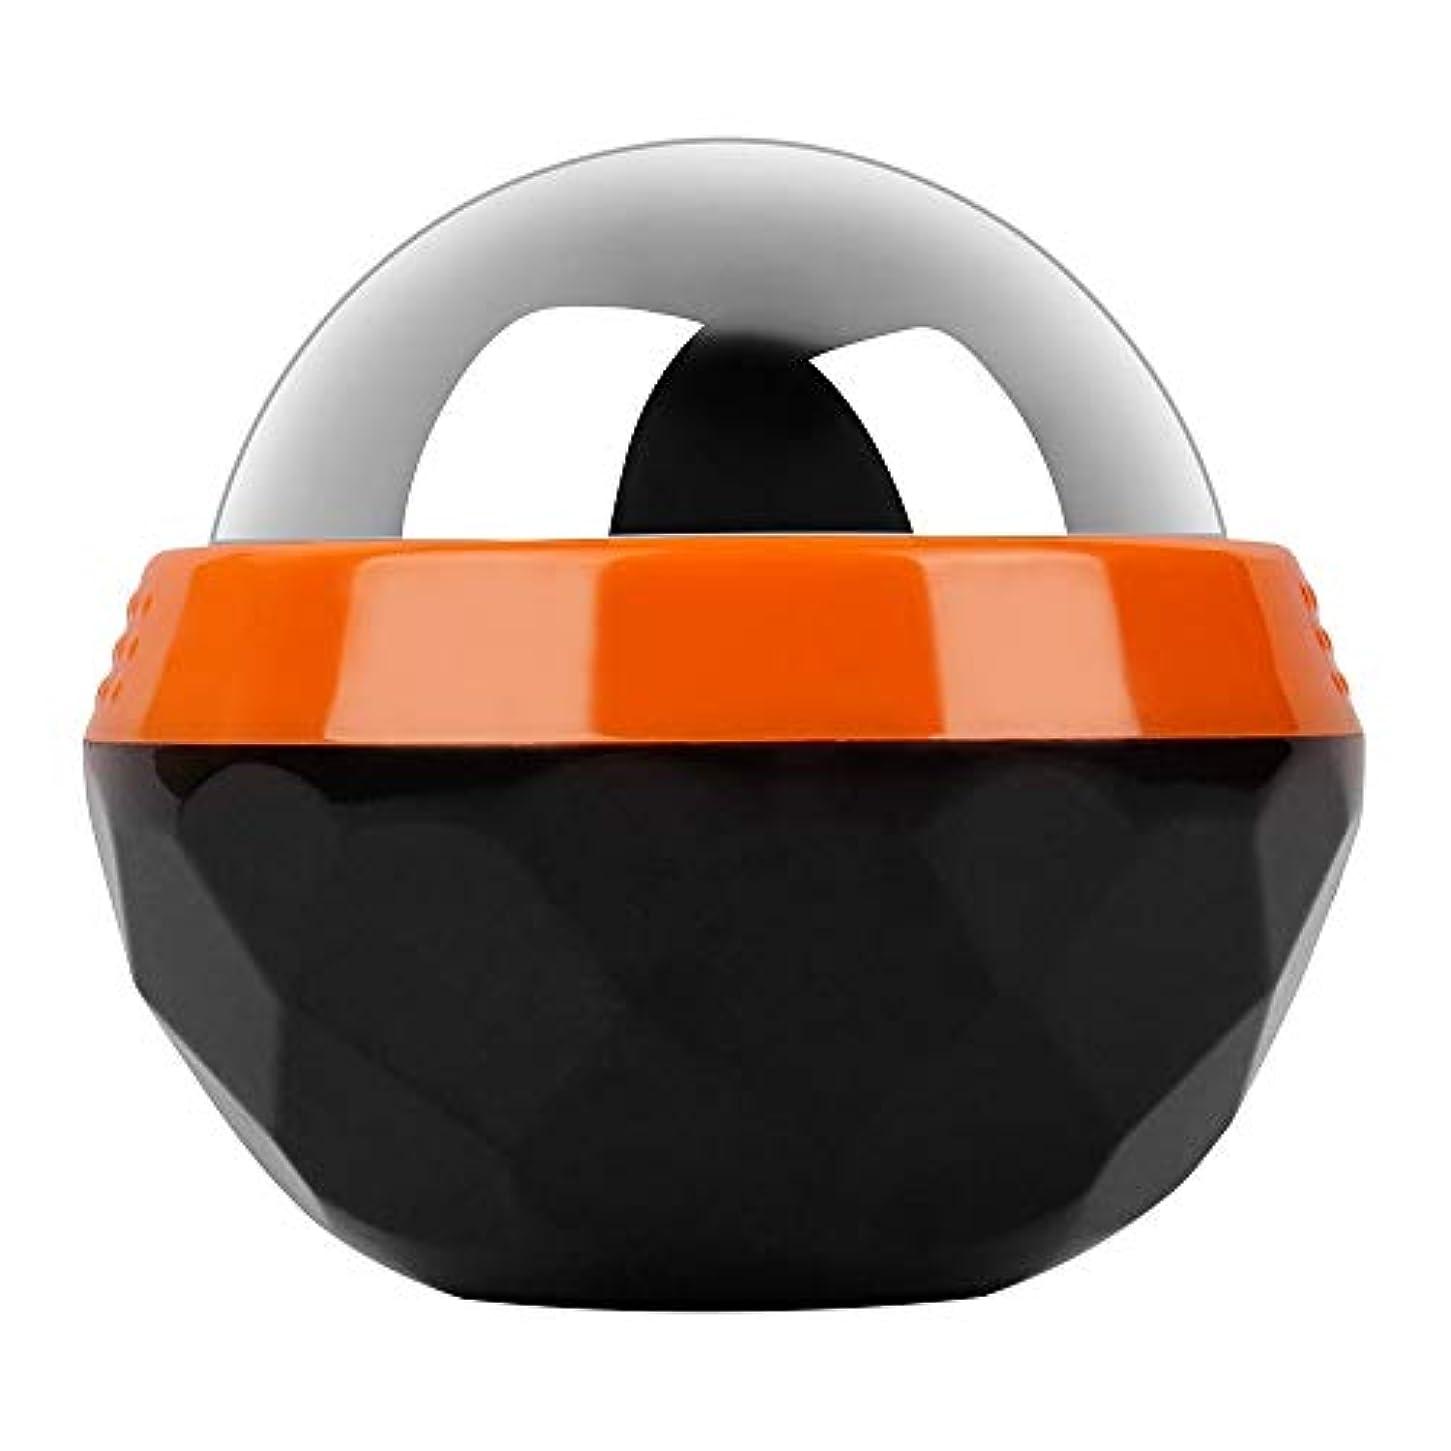 教科書カートン時計回りGeTooコールドマッサージローラーボール-2.4インチの氷球は6時間冷たさを持続、アイスセラピーディープティッシュマッサージ、オレンジとブラック